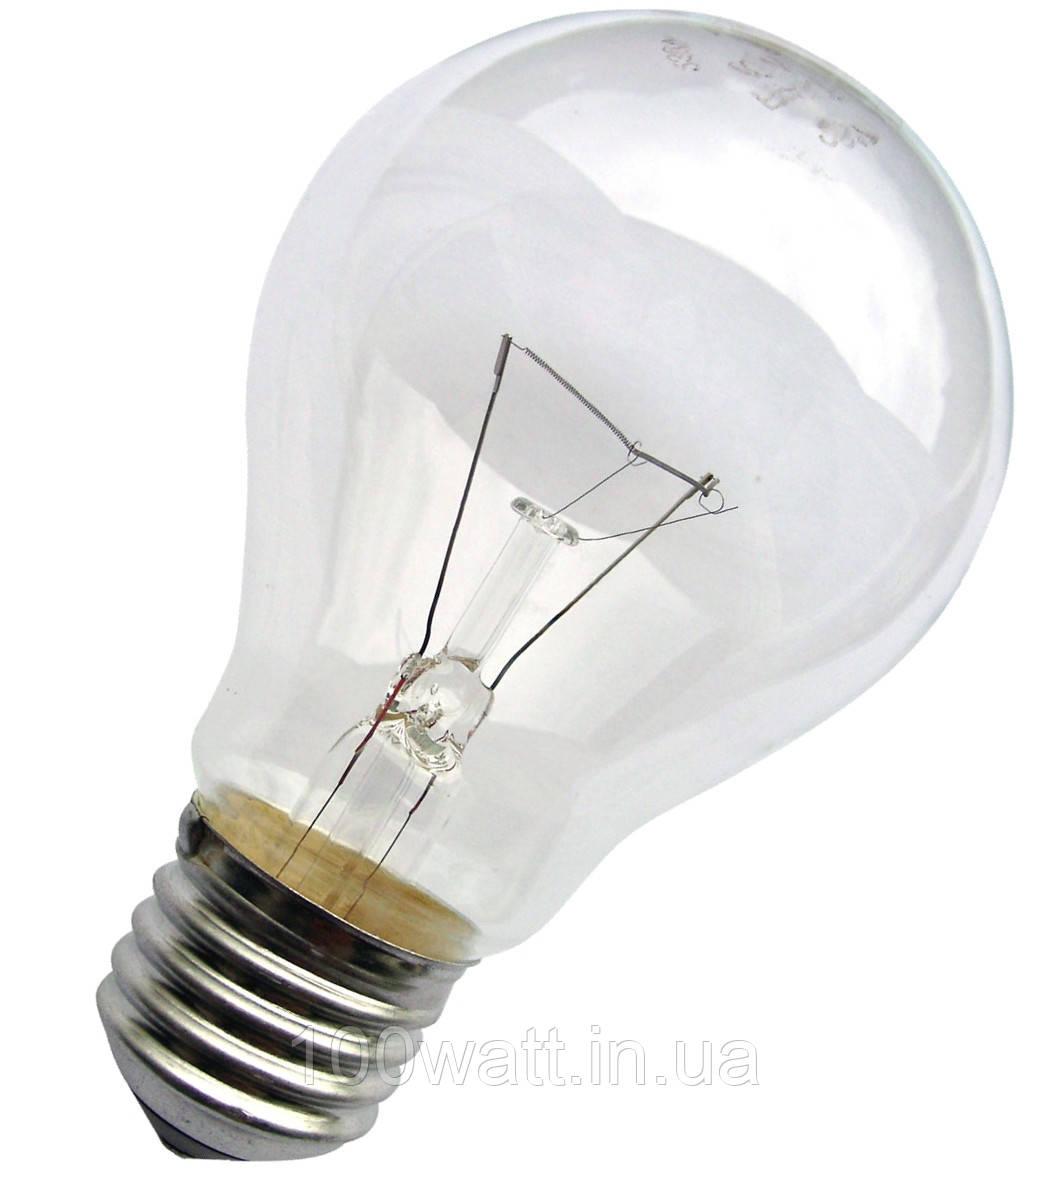 Лампа накаливания ЛОН 40 Вт Е27